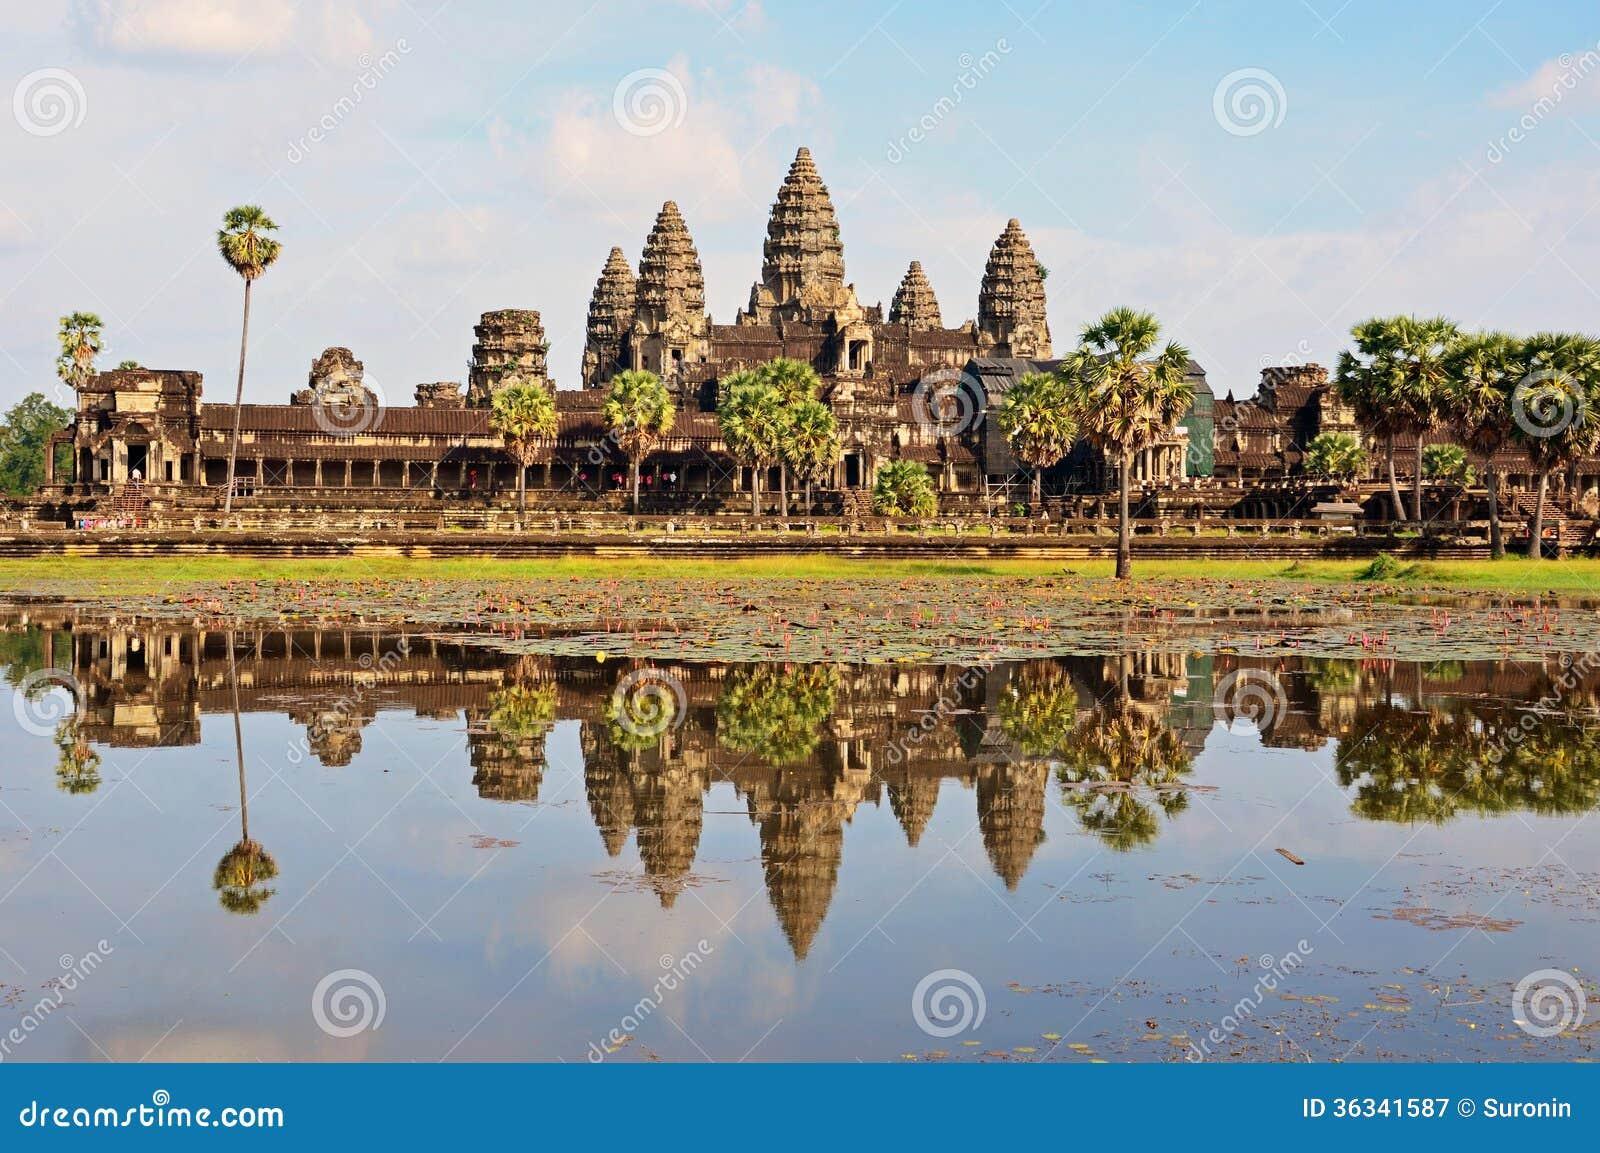 Top Outdoor Activities in Siem Reap Province, Cambodia